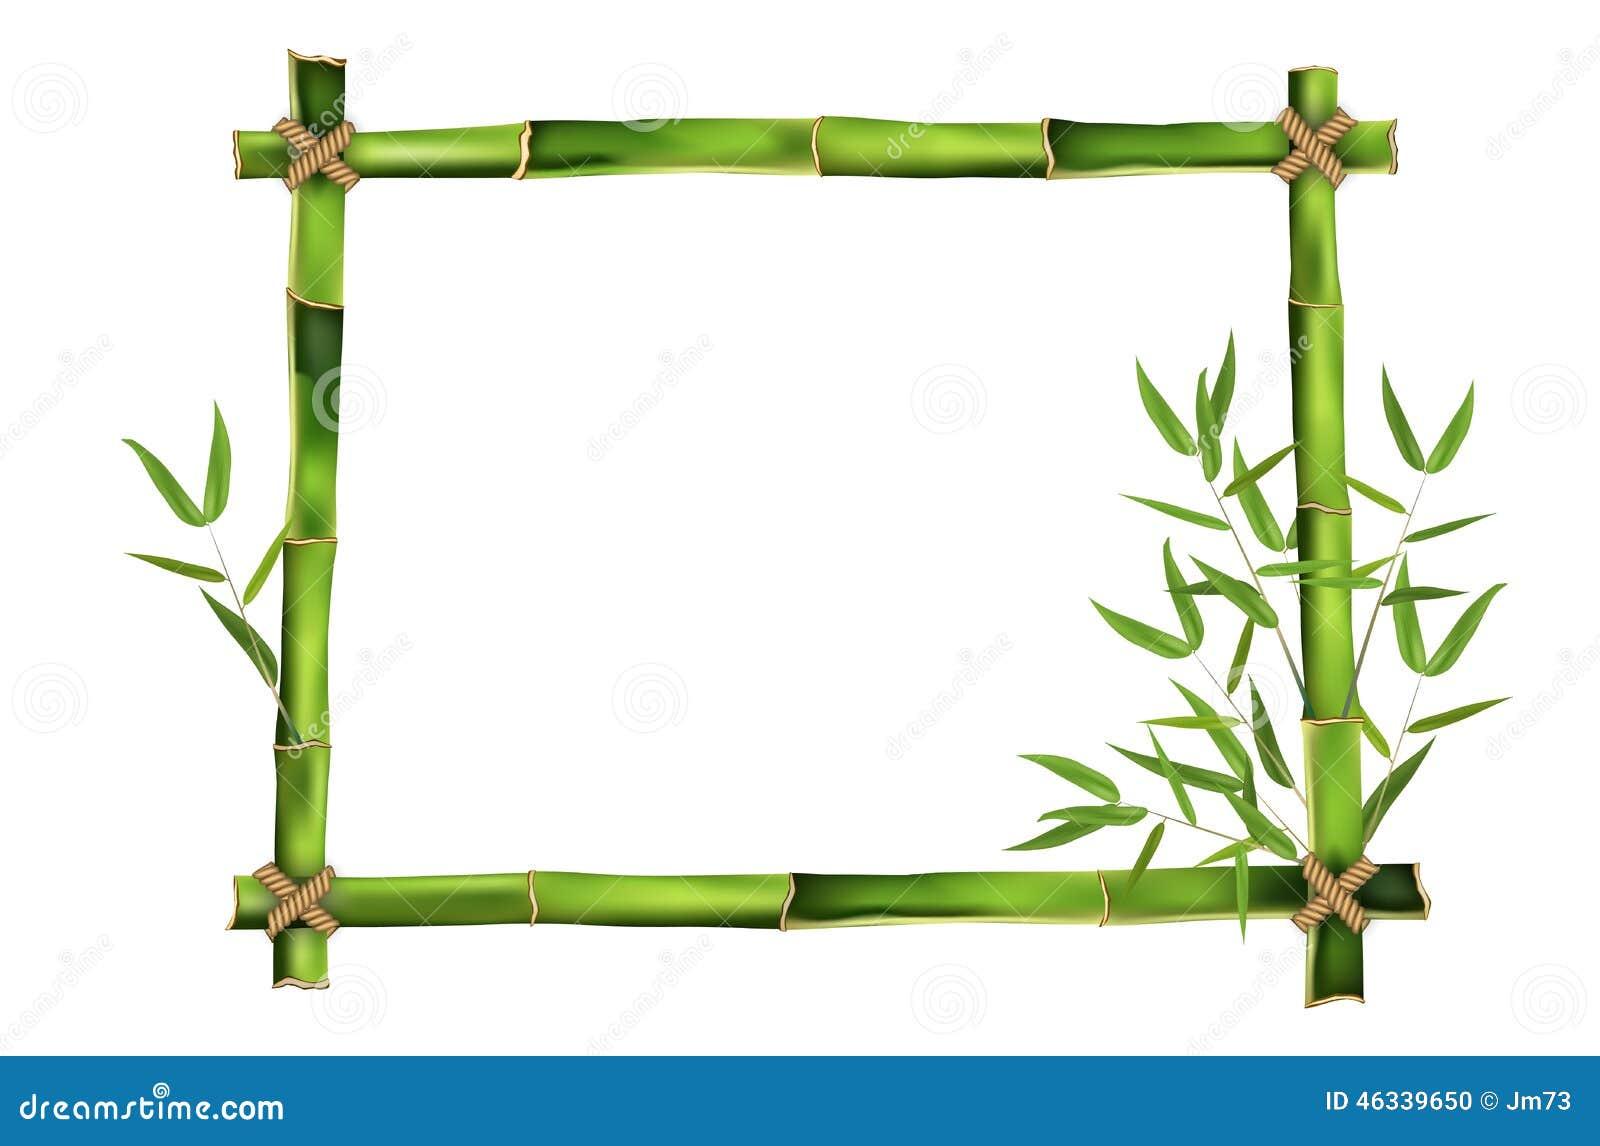 Bambusrahmen Für Ihre Mitteilung Vektor Abbildung - Illustration von ...